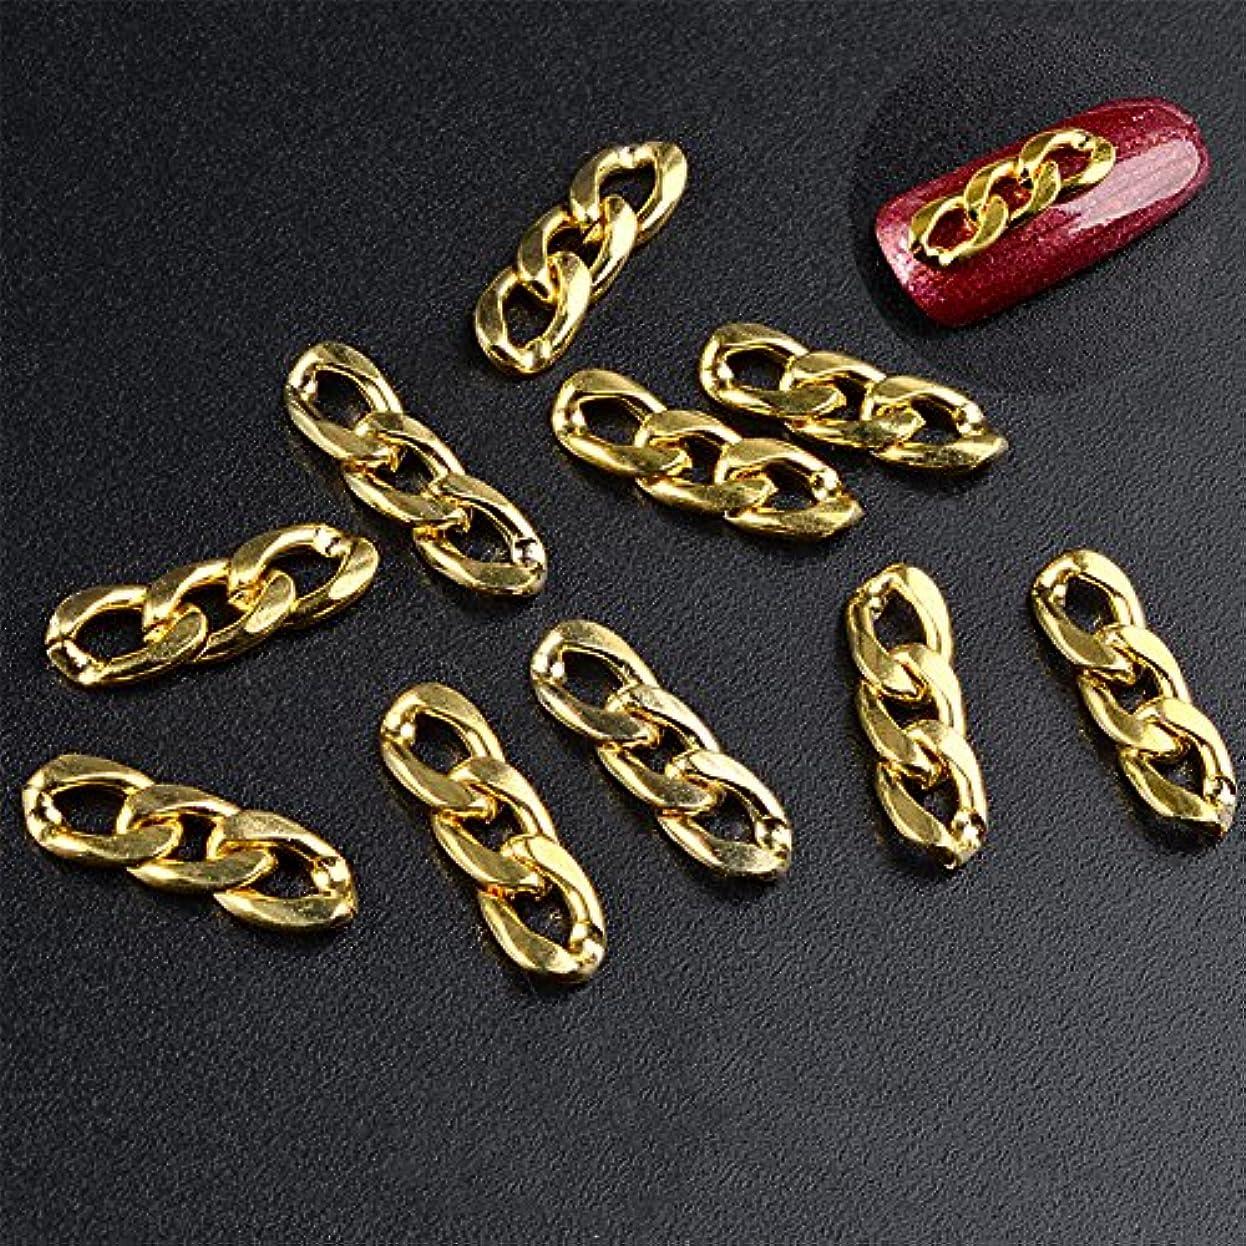 単調なピカソなだめるACHICOO ネイルアートチェーン 10PCS シャイニー 装飾 マニキュア供給 メイクアップ ゴールド